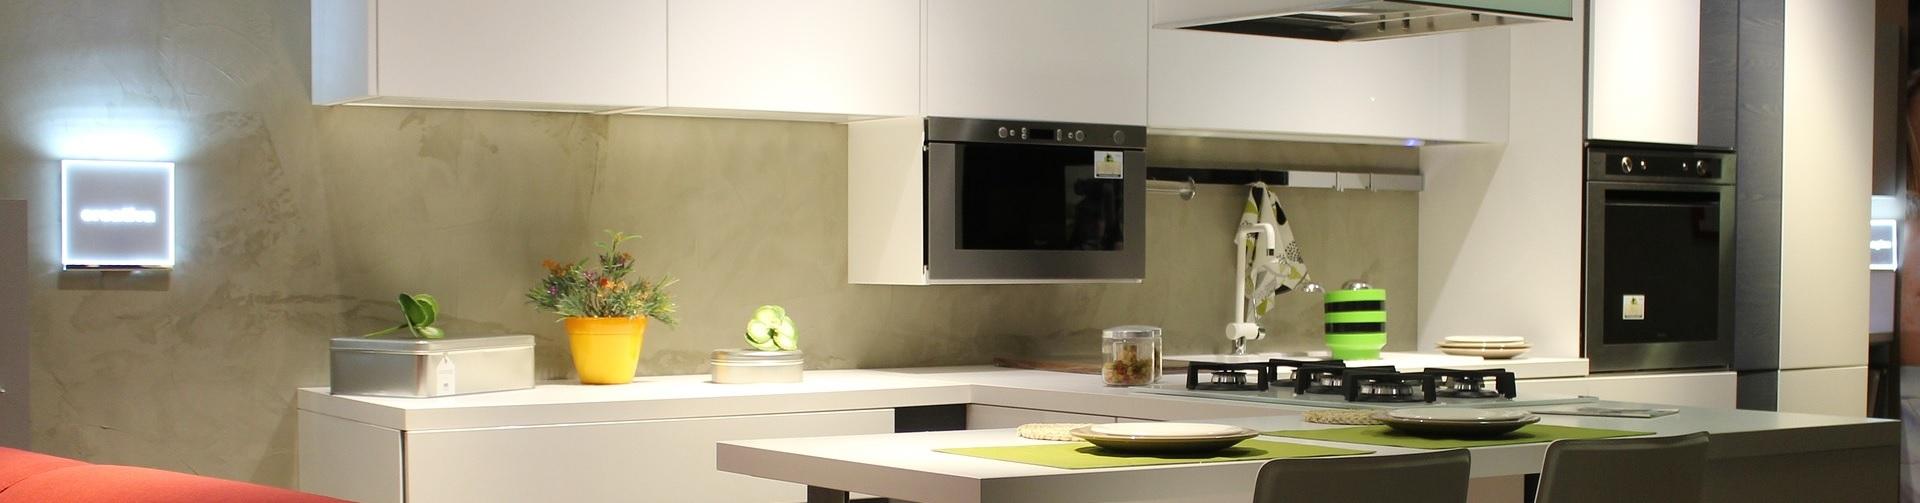 Keuken na renovatie in Maastricht